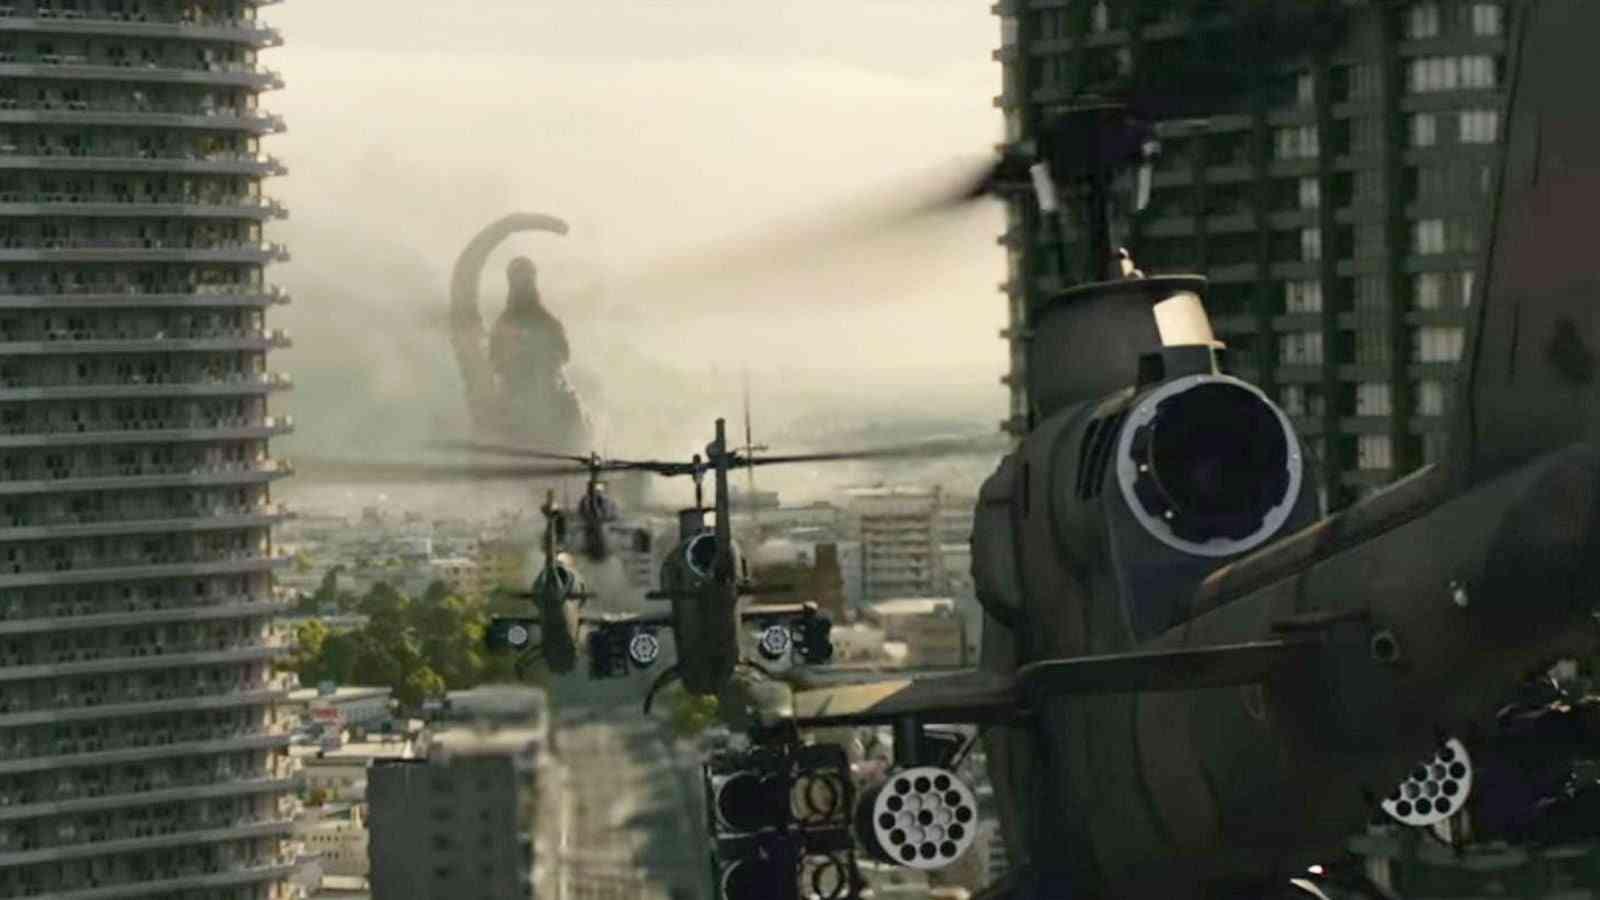 【シン・ゴジラ公開記念】宇宙大戦争マーチで自衛隊を出動させてみた - YouTube